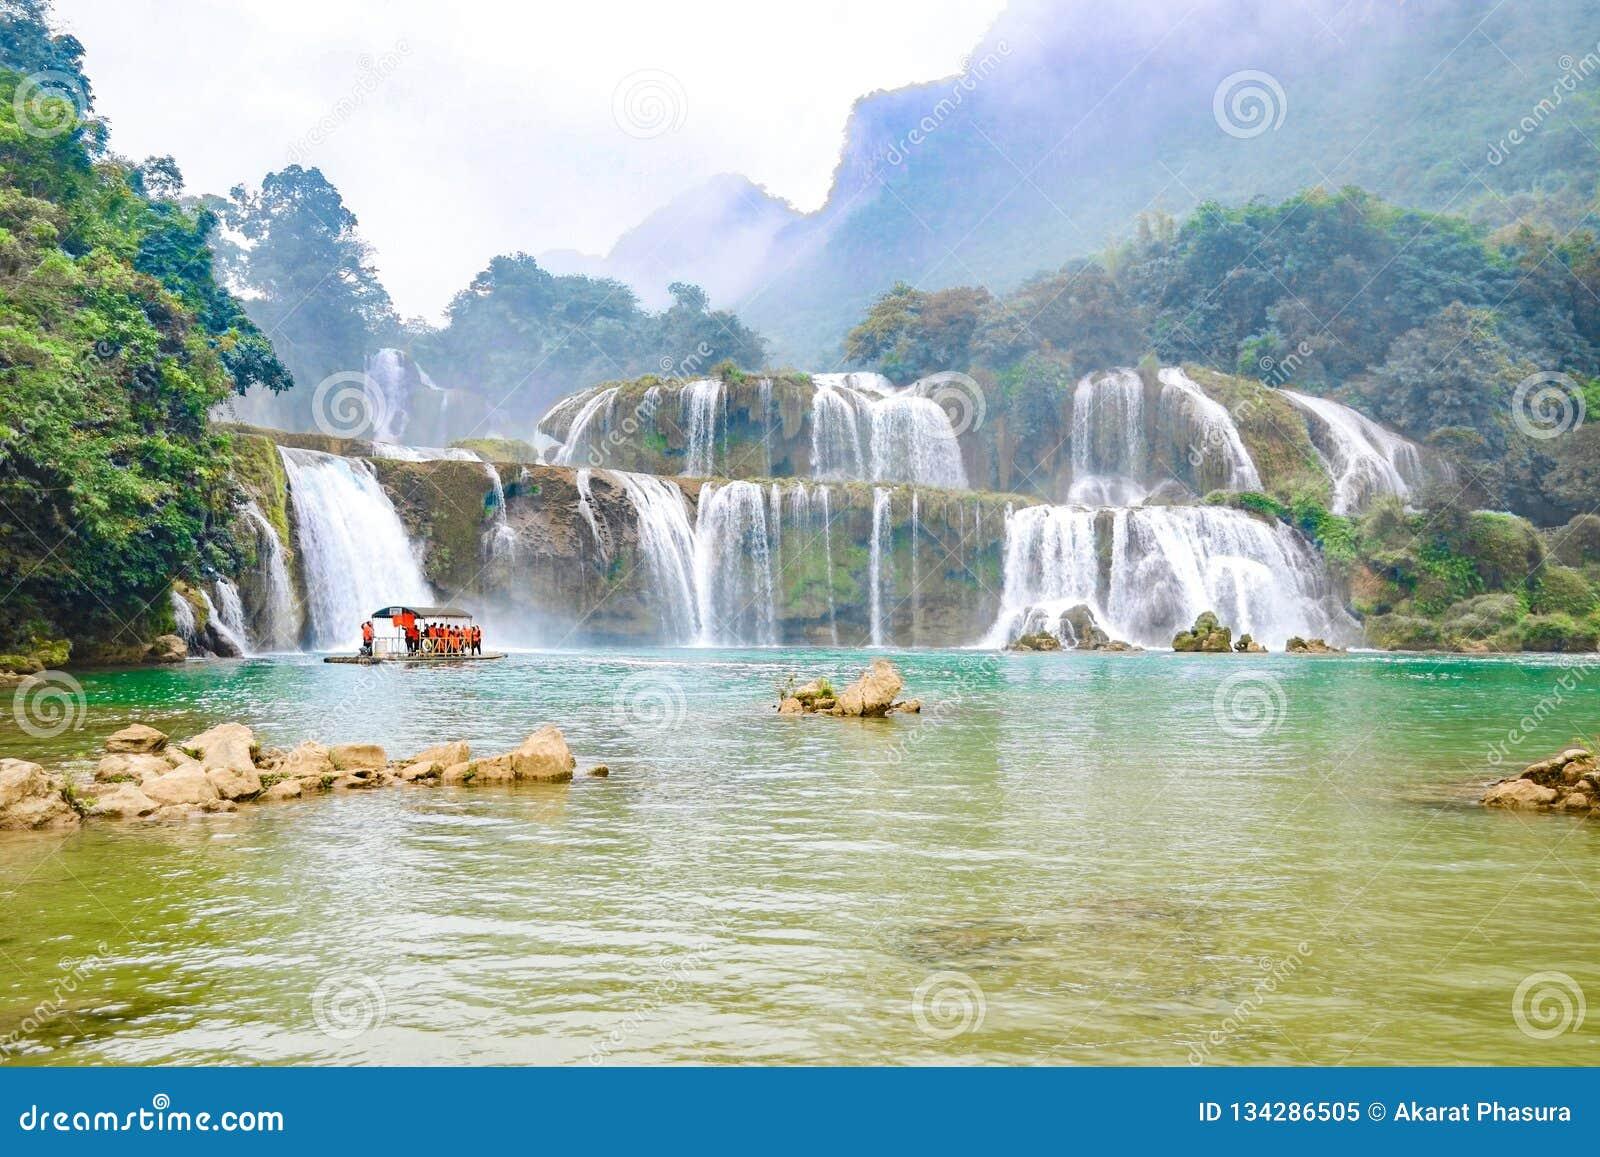 Ban Gioc Waterfall o Detian Falls, Vietnam' la cascada más conocida de s situada en la frontera de Cao Bang cerca de China